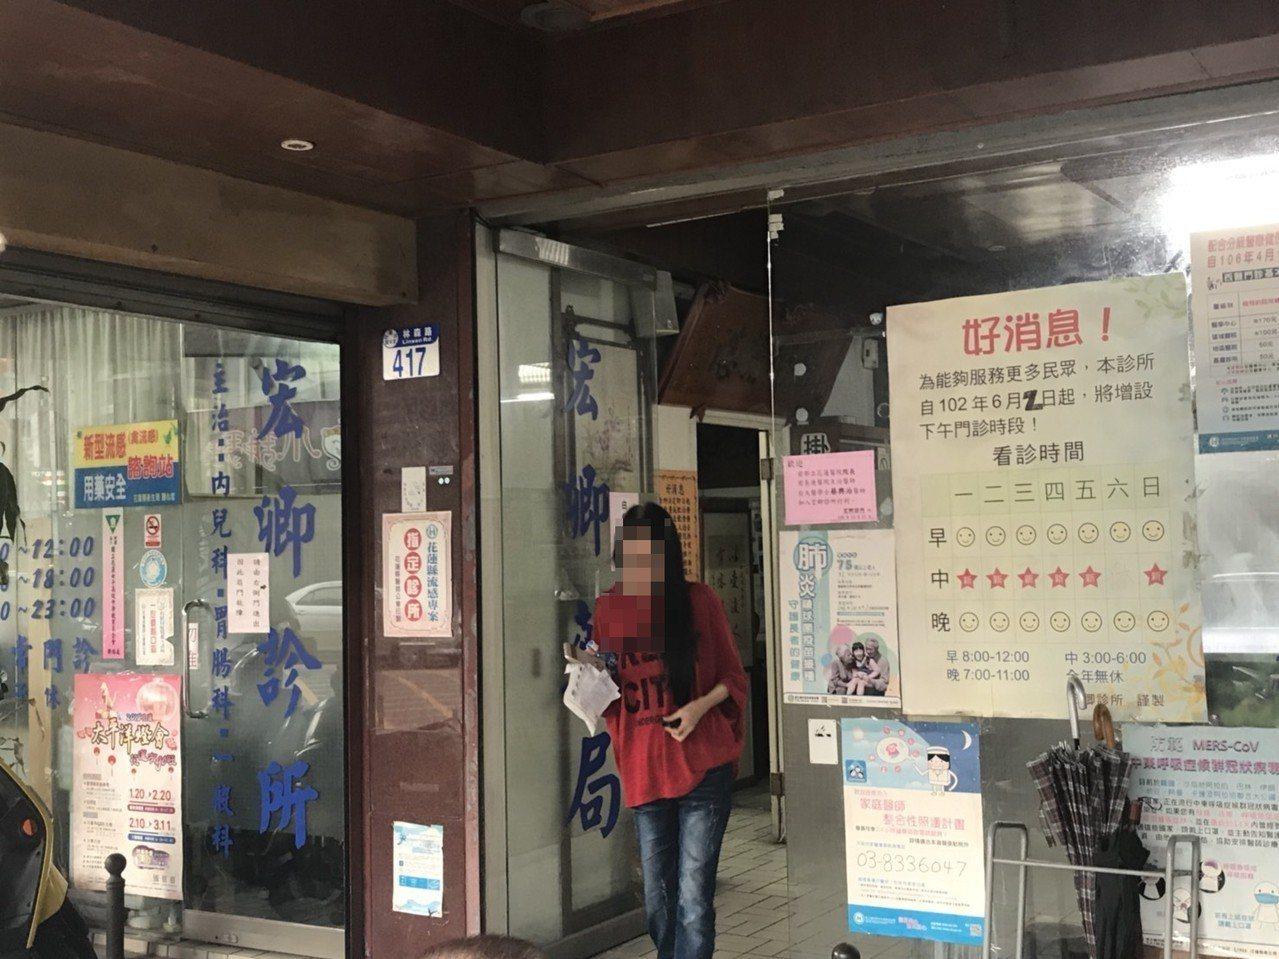 花蓮市宏卿藥局涉嫌詐領健保費,昨遭花蓮檢調搜索。記者王燕華/攝影